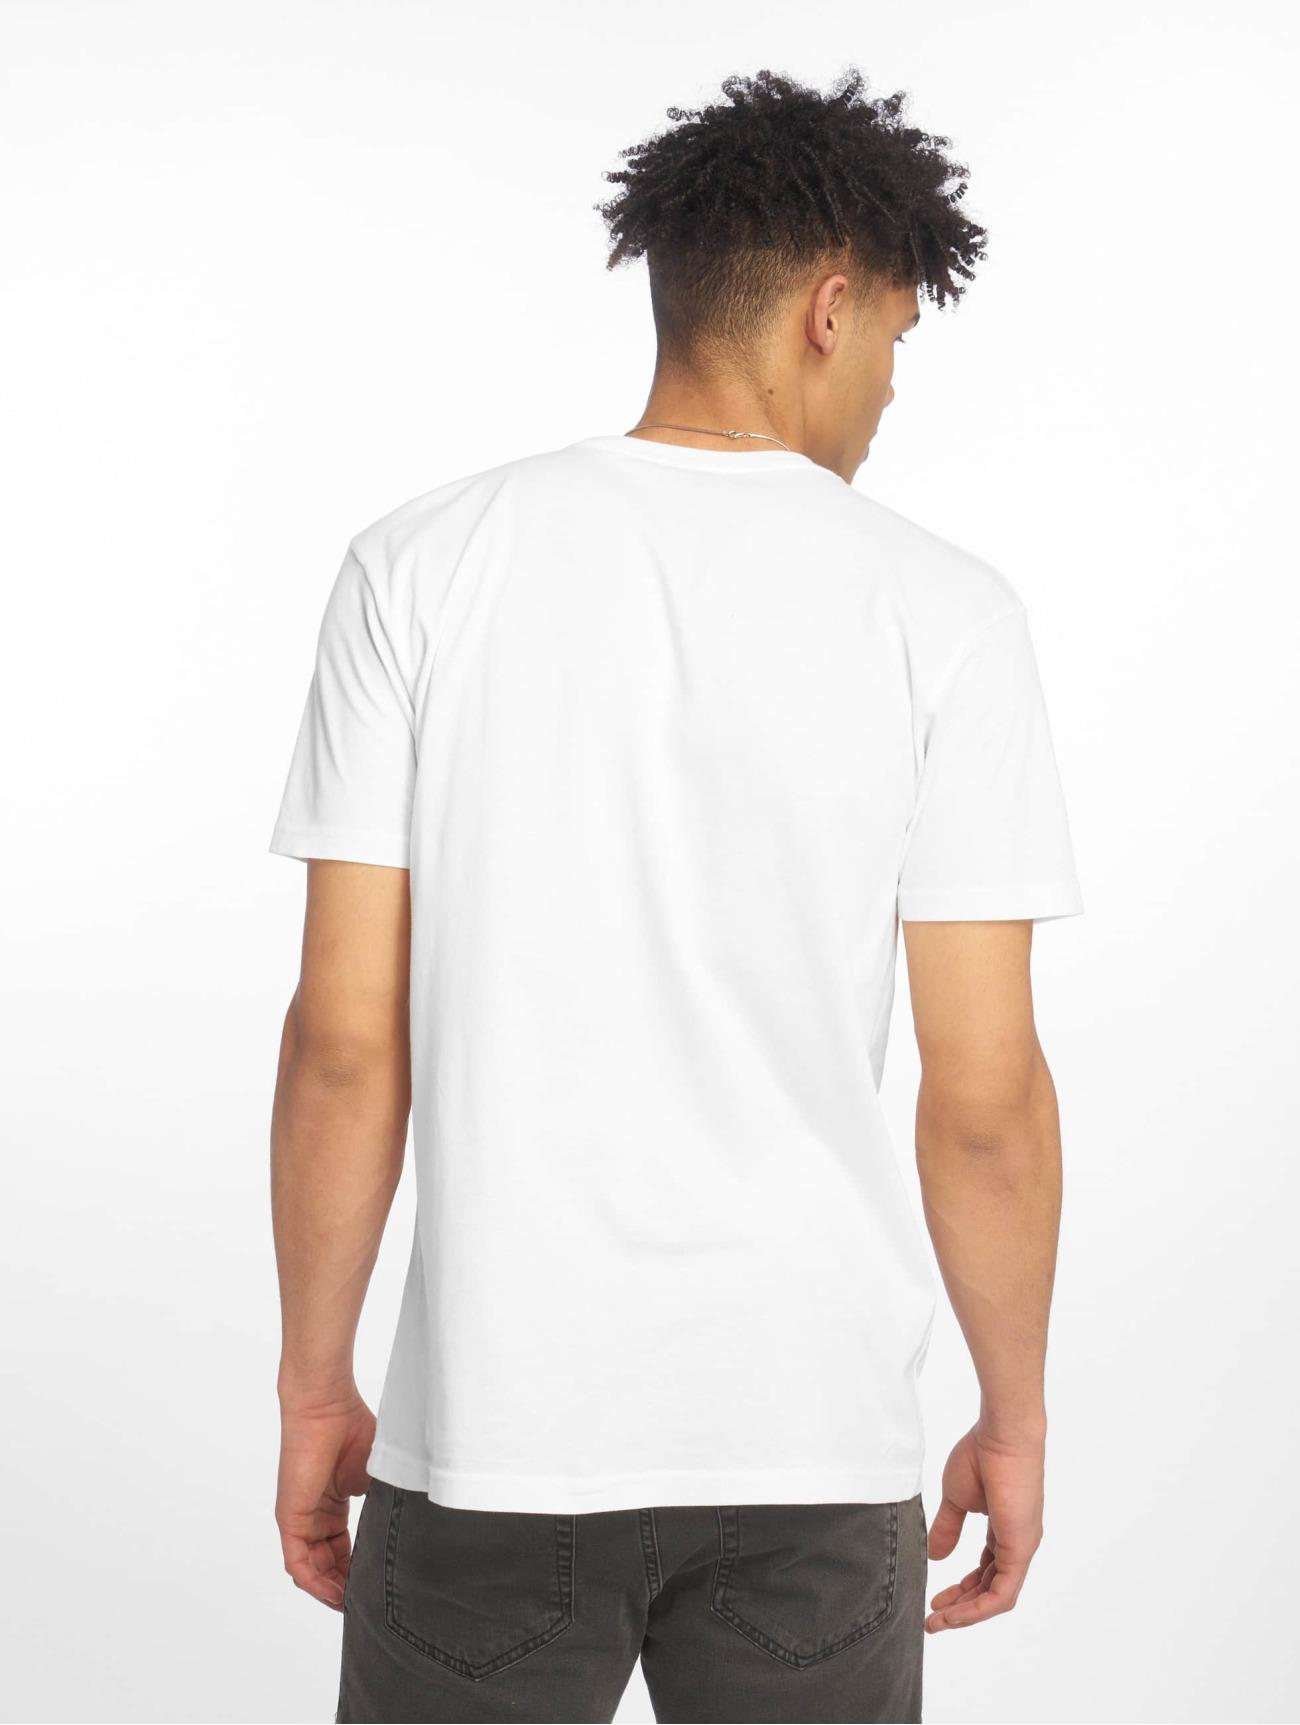 Supra Överdel / T-shirt Above Regular i vit 620540 Män Överdelar